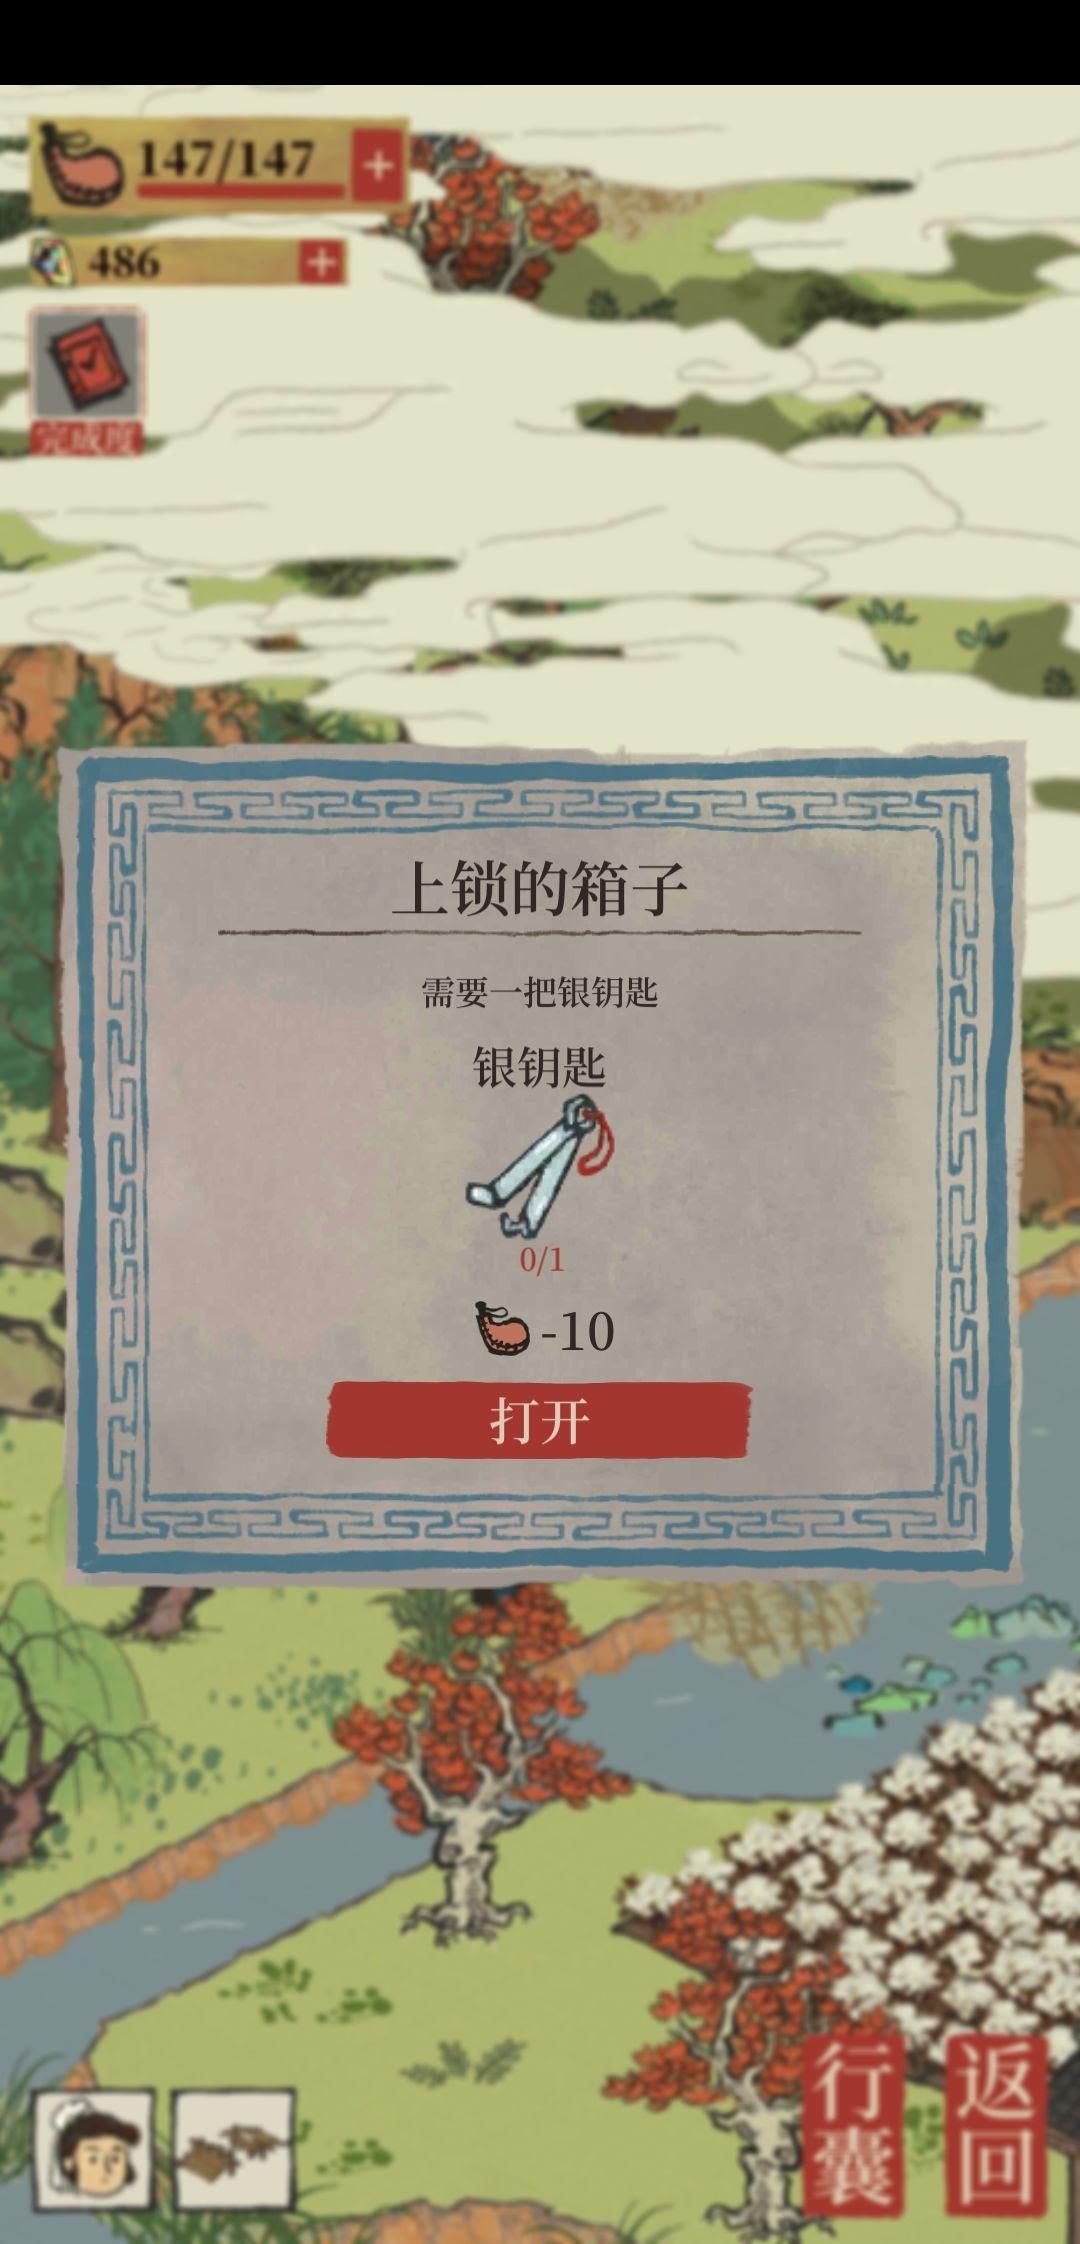 江南百景图牡丹亭副本彩蛋攻略